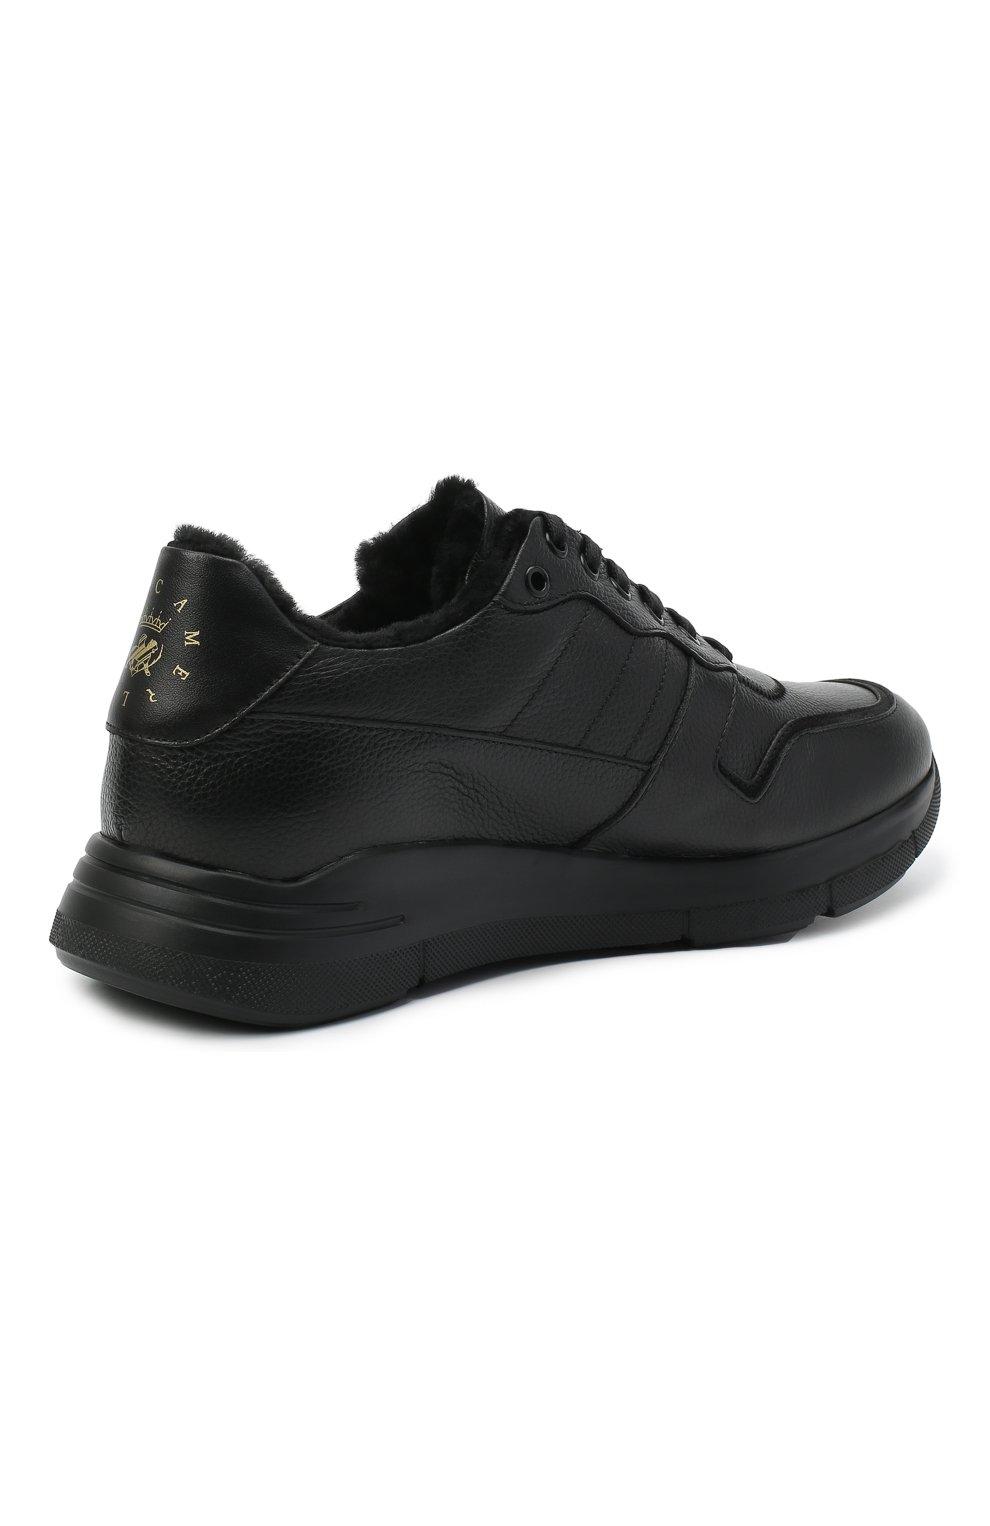 Мужские кожаные кроссовки CAMERLENGO черного цвета, арт. M15593PARIGI579   Фото 4 (Материал утеплителя: Натуральный мех; Стили: Классический; Подошва: Массивная)